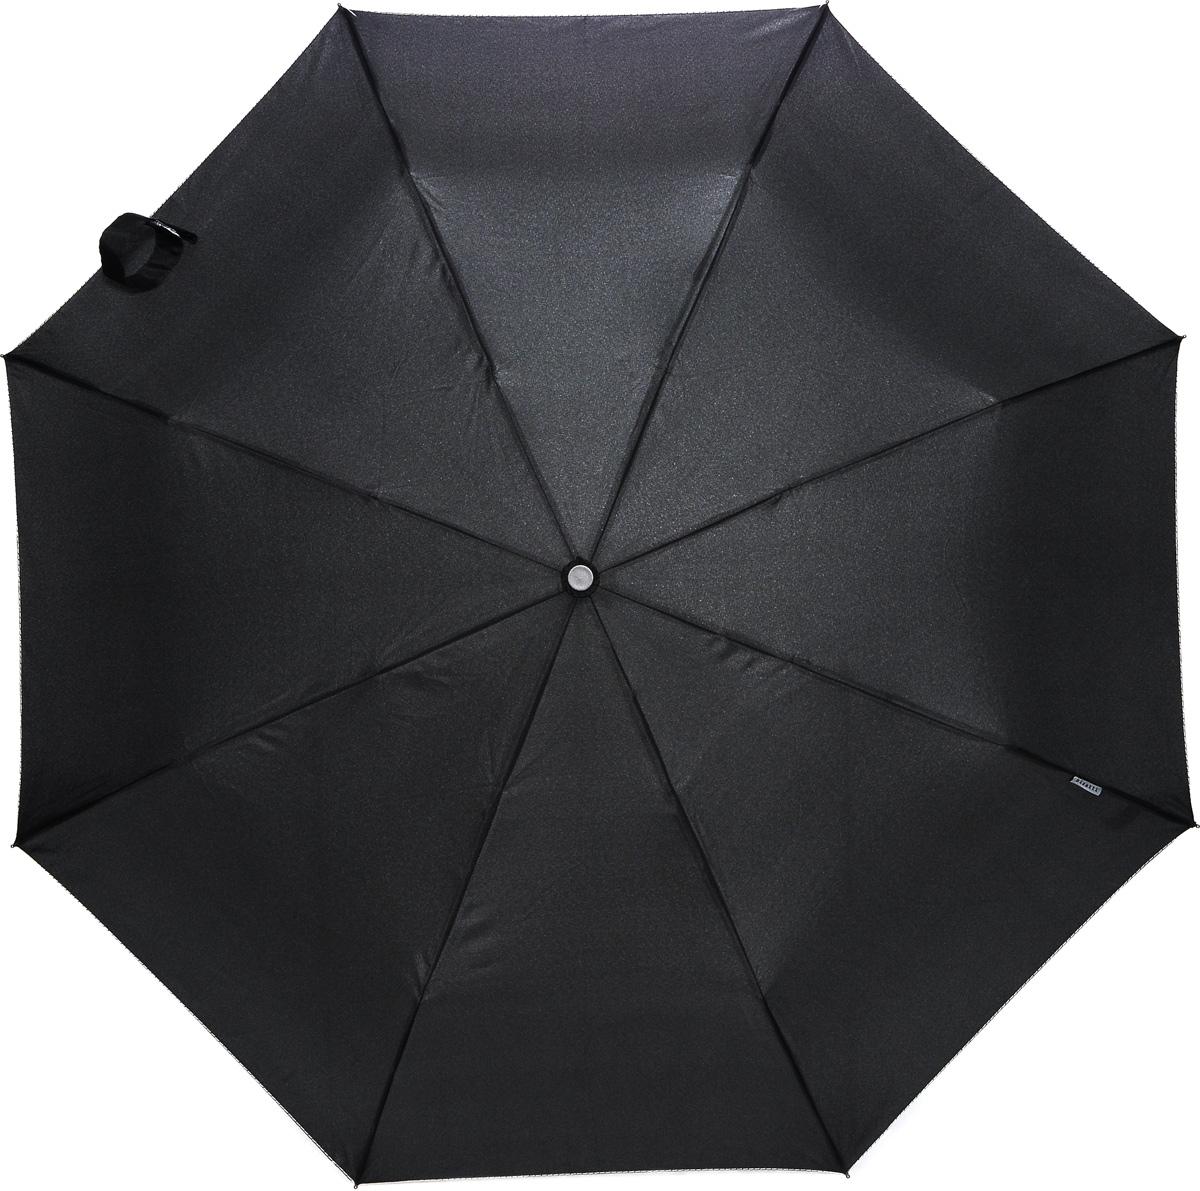 Bisetti 3212-3 Зонт полный автом. 3 сл. муж.3212-3Зонт испанского производителя Clima. В производстве зонтов используются современные материалы, что делает зонты легкими, но в то же время крепкими.Полный автомат, 3 сложения, 8 спиц по 55см, полиэстер.